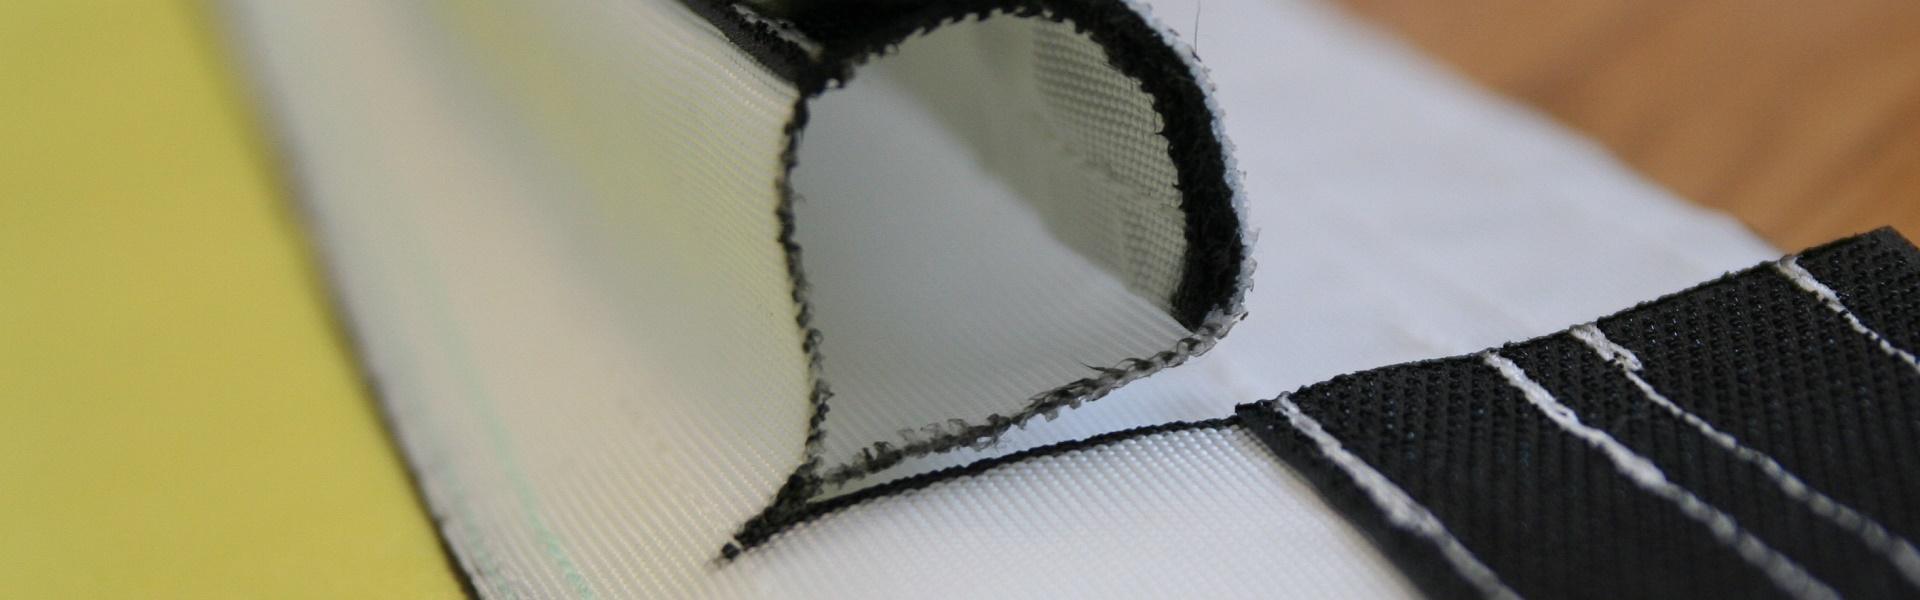 Detail des Klettverschlusses